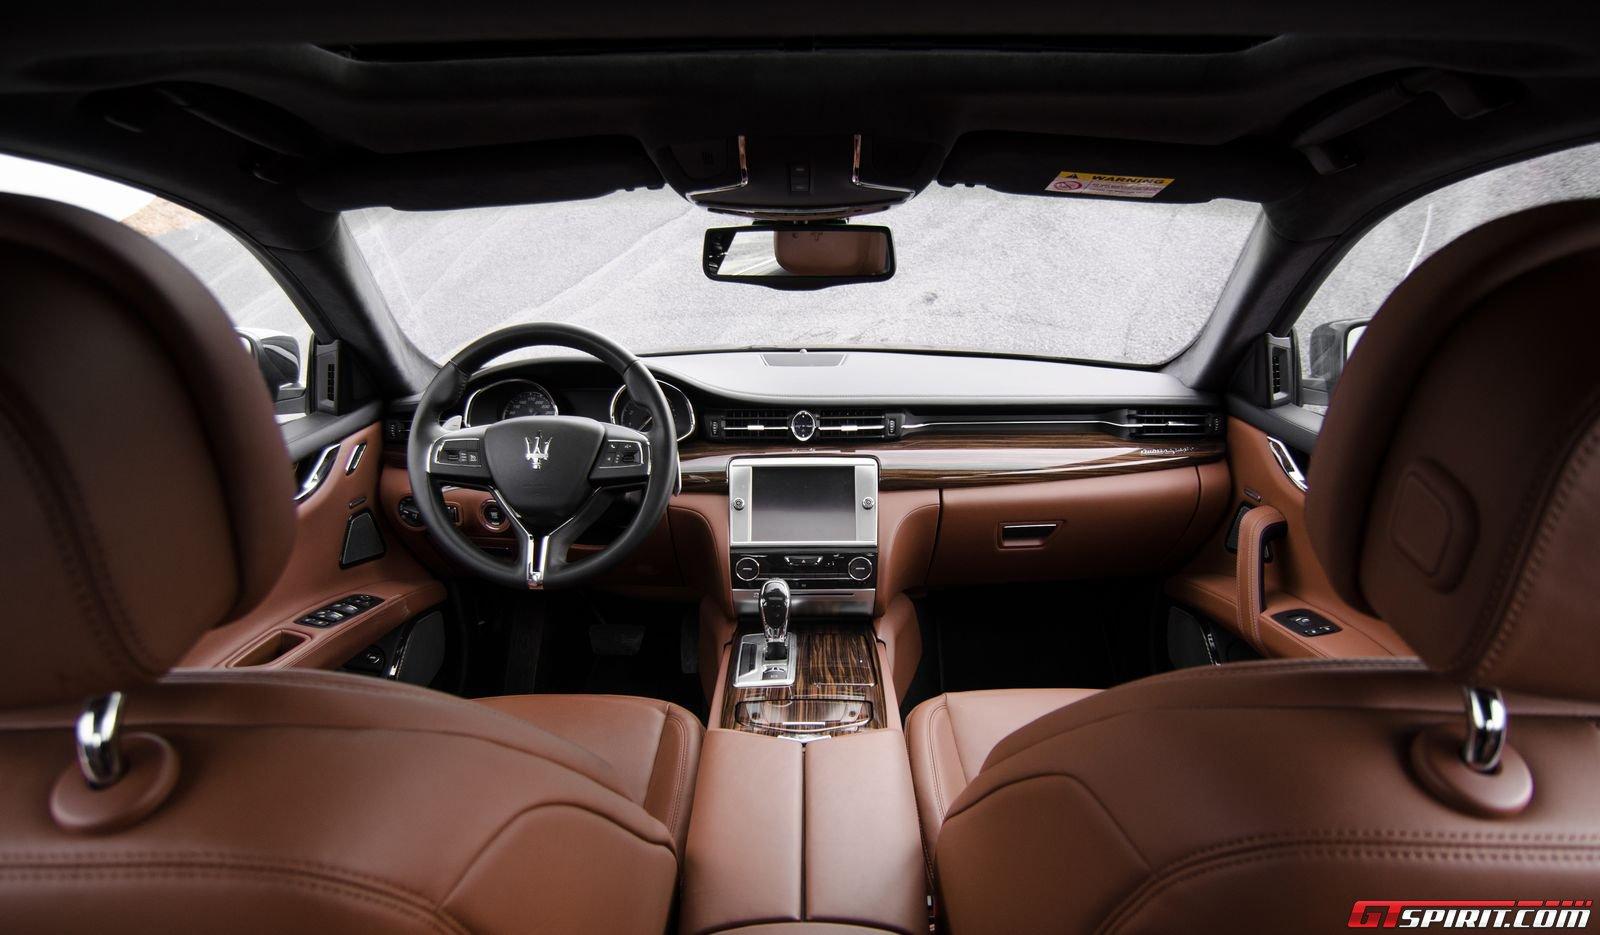 2018 maserati quattroporte interior. unique interior interior 2014 maserati quattroporte gts review in 2018 maserati quattroporte interior u